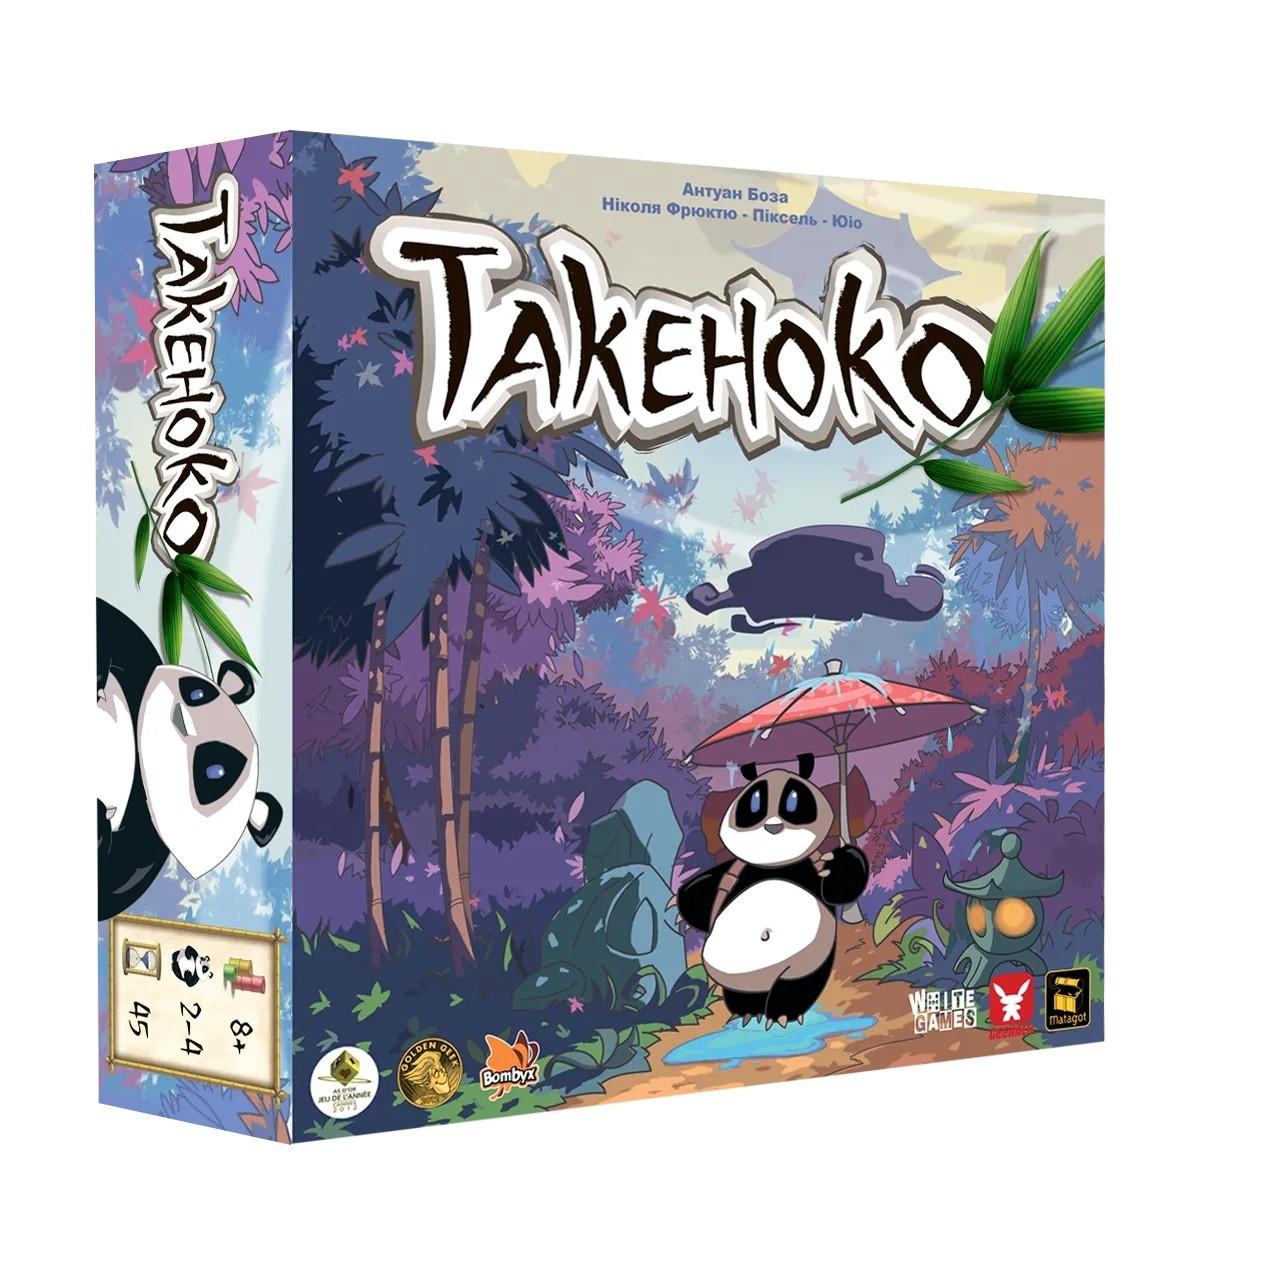 Настольная игра Такеноко. Юбилейное издание (укр)